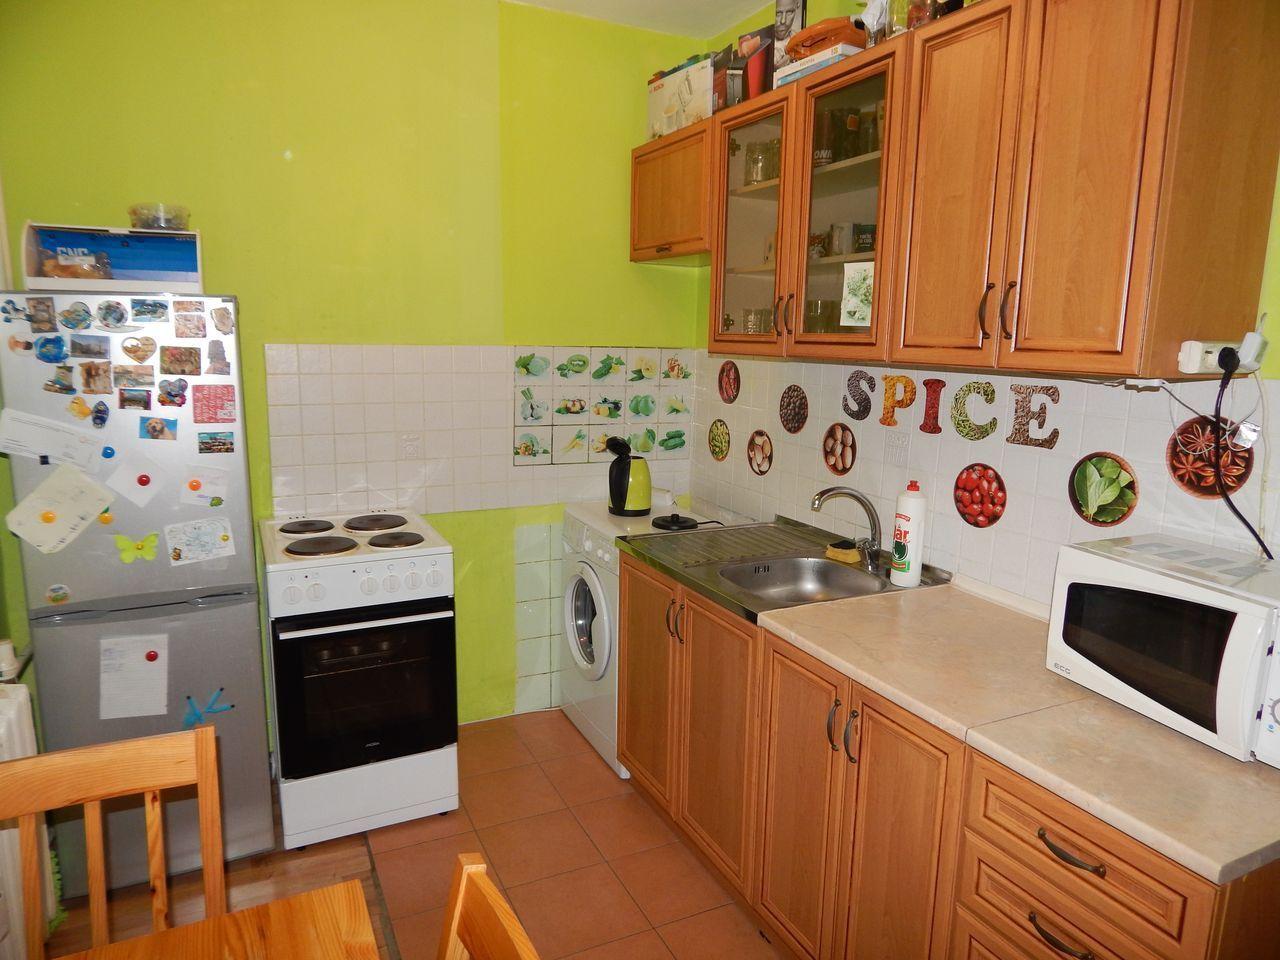 3-izbový byt-Predaj-Handlová-54 000 €